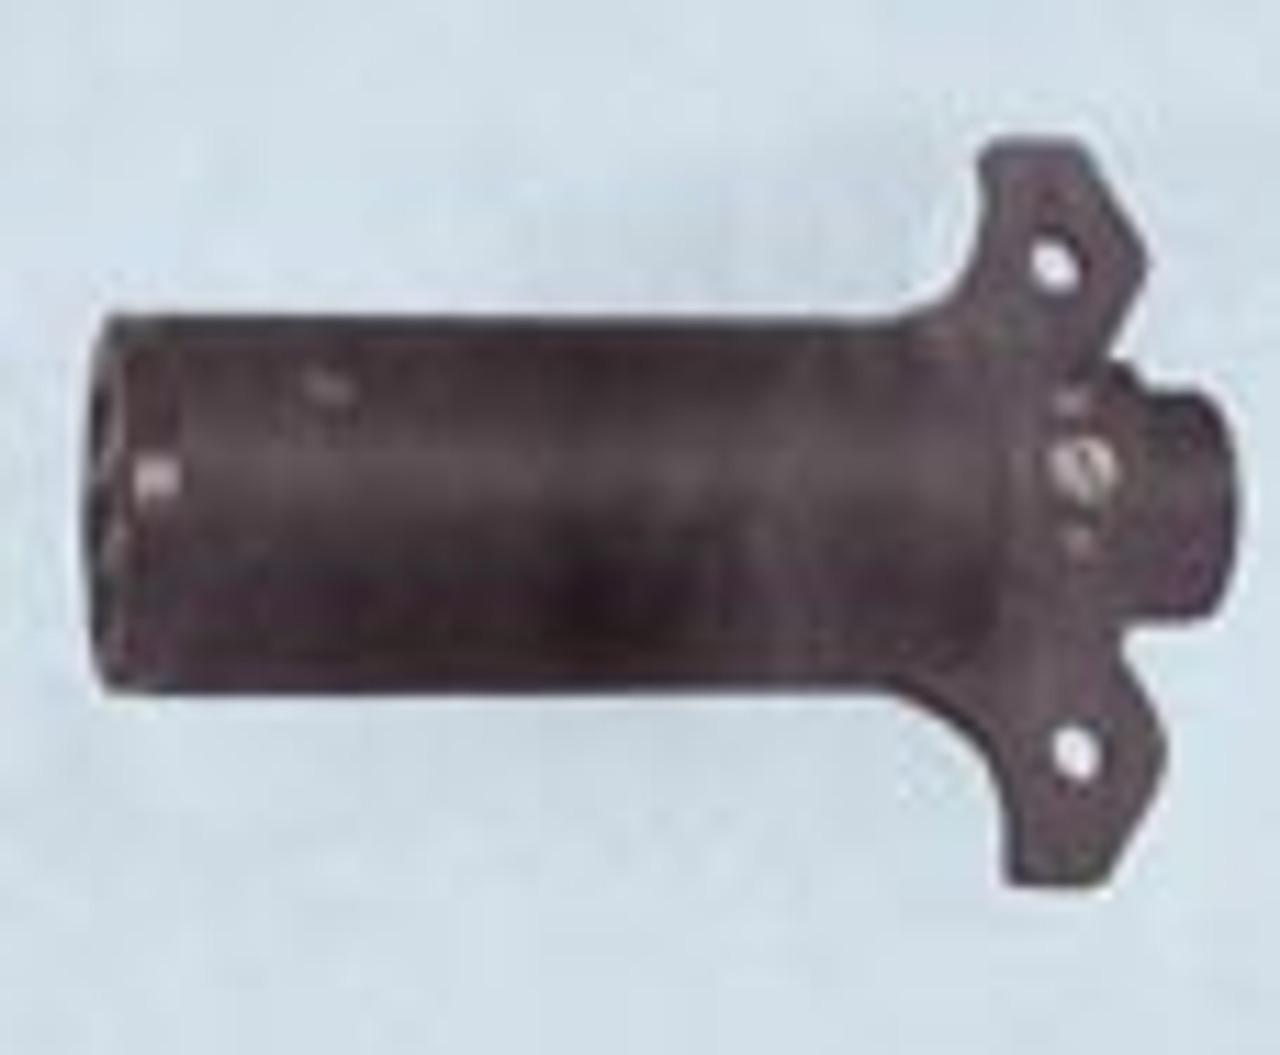 Connector Plug - 7 Way Round (19-1052)